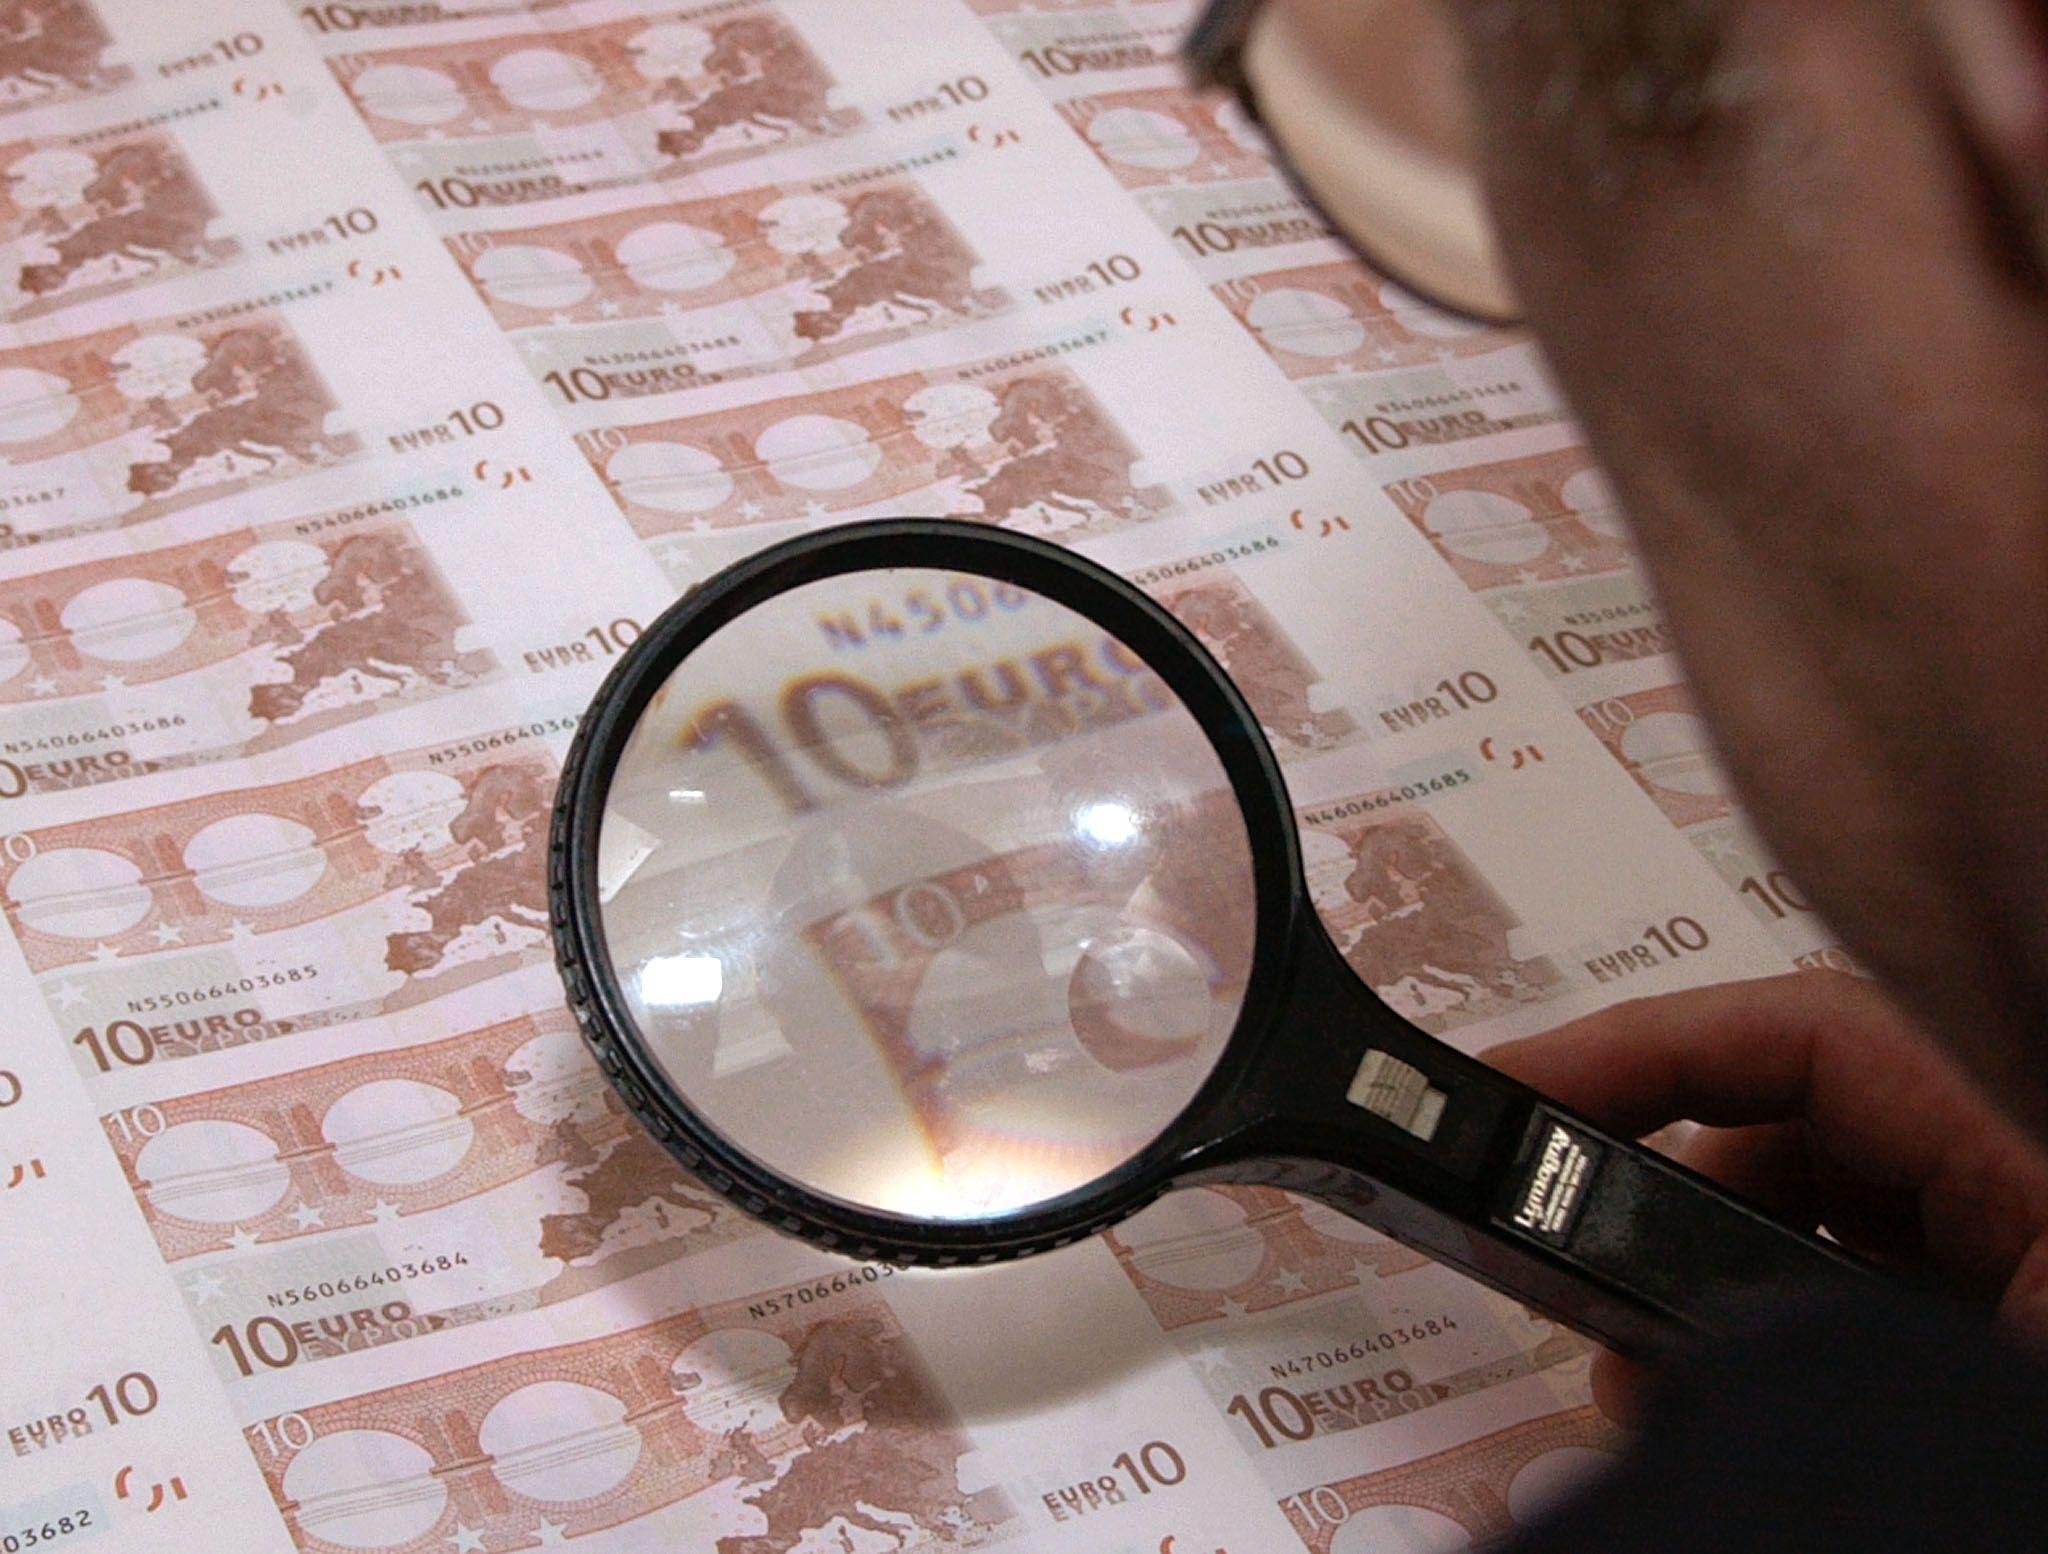 Loi sur la fraude fiscale: les effets très pervers derrière les bonnes intentions